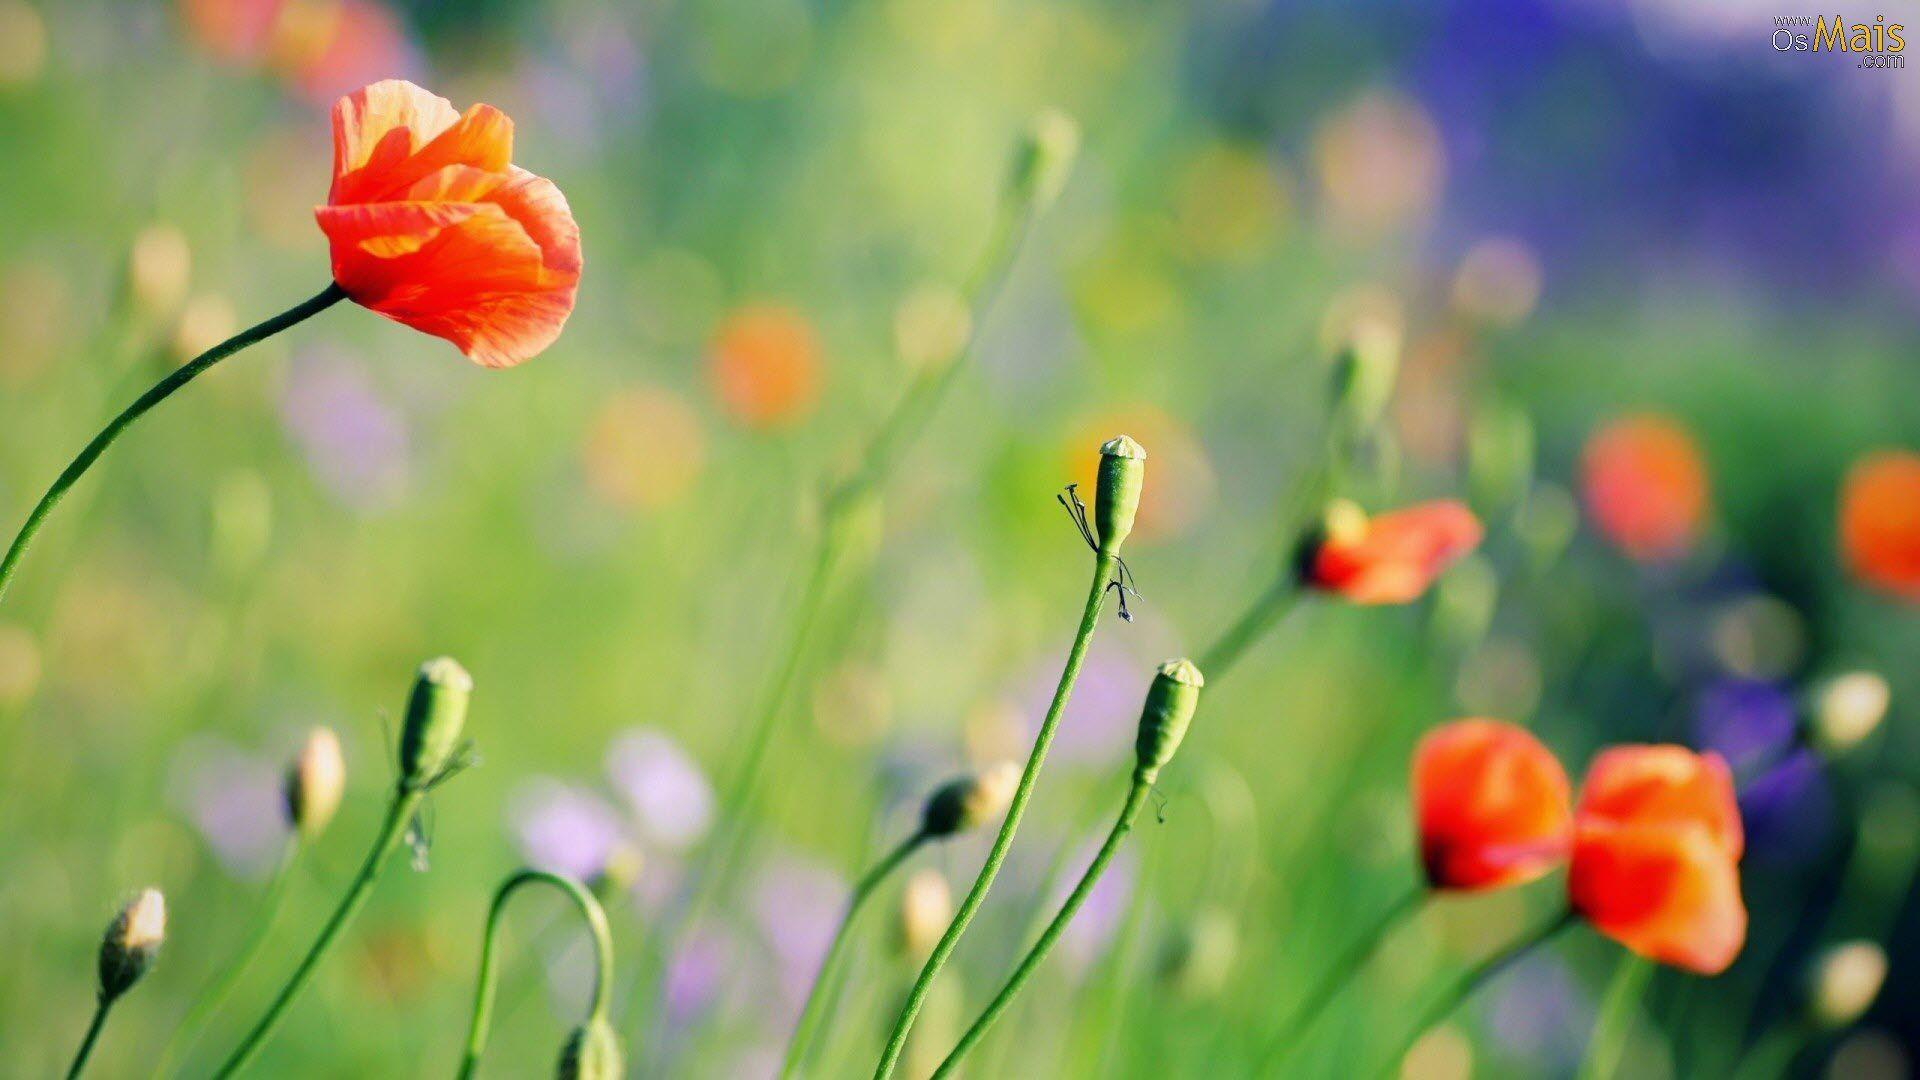 cuales son las primeras flores de primavera - Buscar con Google